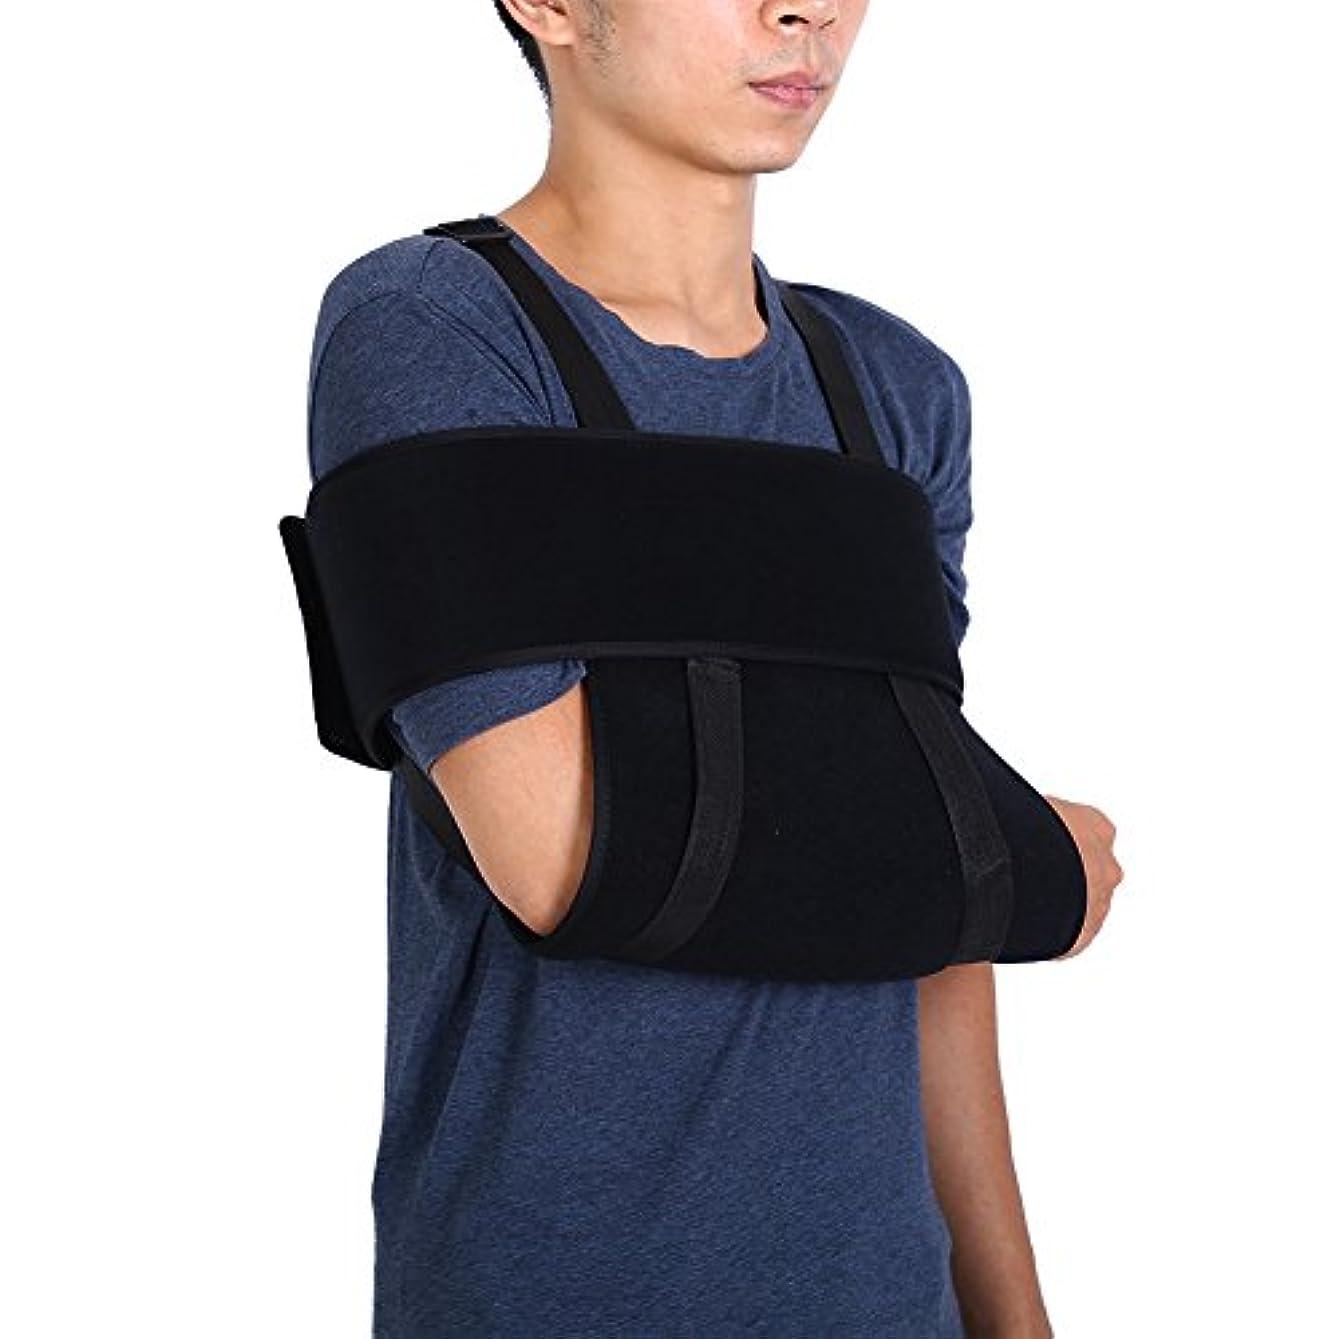 ウェイトレス概念エキサイティングアームリーダー 腕つり用サポーター ネオプレン☆安定感 通気性良い アームホルダー 腕の骨折?脱臼時のギプス固定に 調節可能